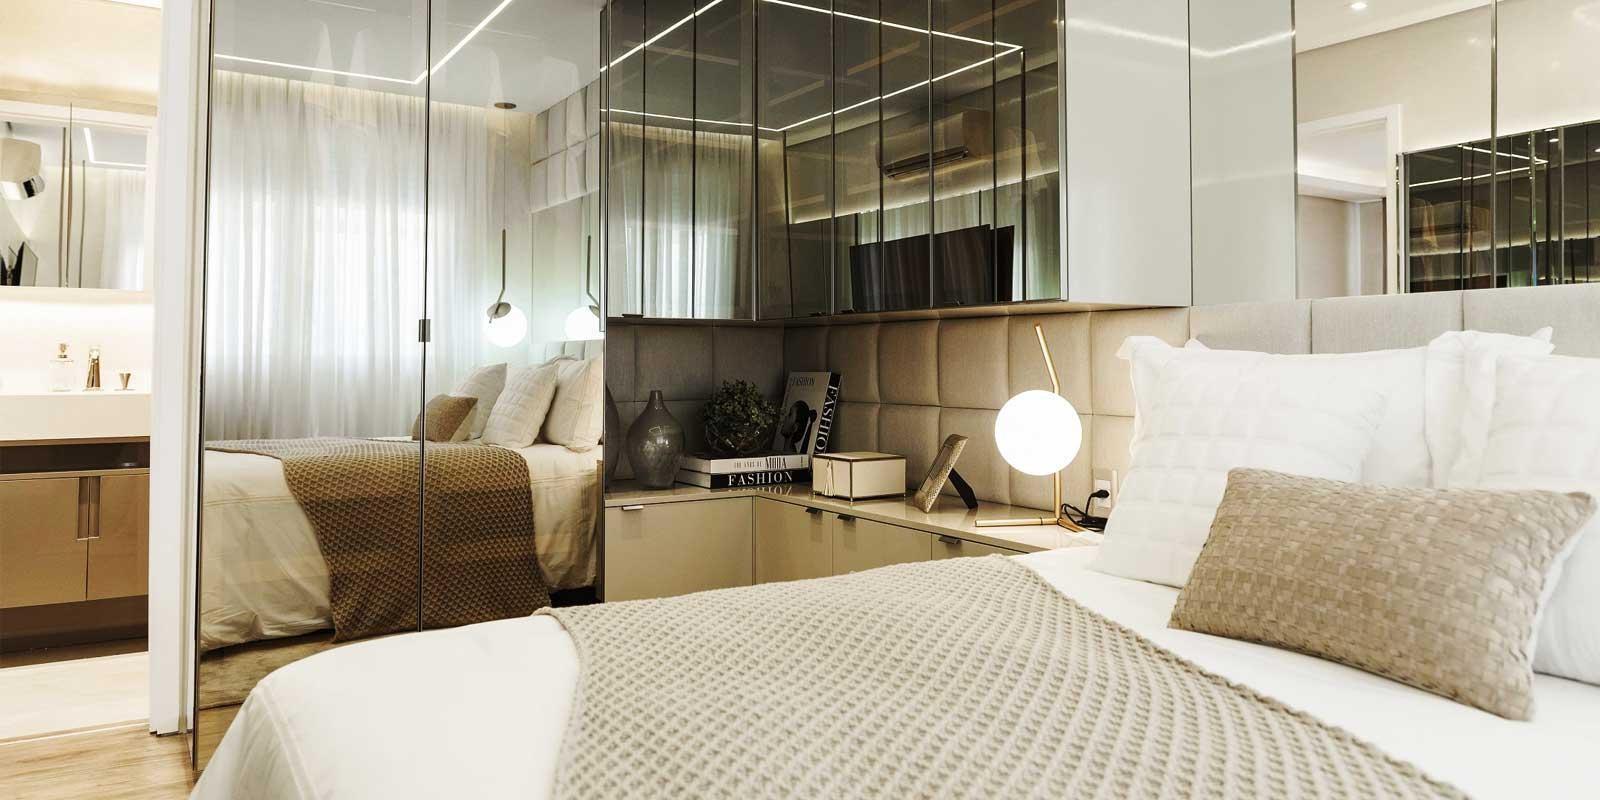 TPS Imóveis - Veja Foto 18 de 32 do Apartamentos de 2 e 3 dormitórios com suíte